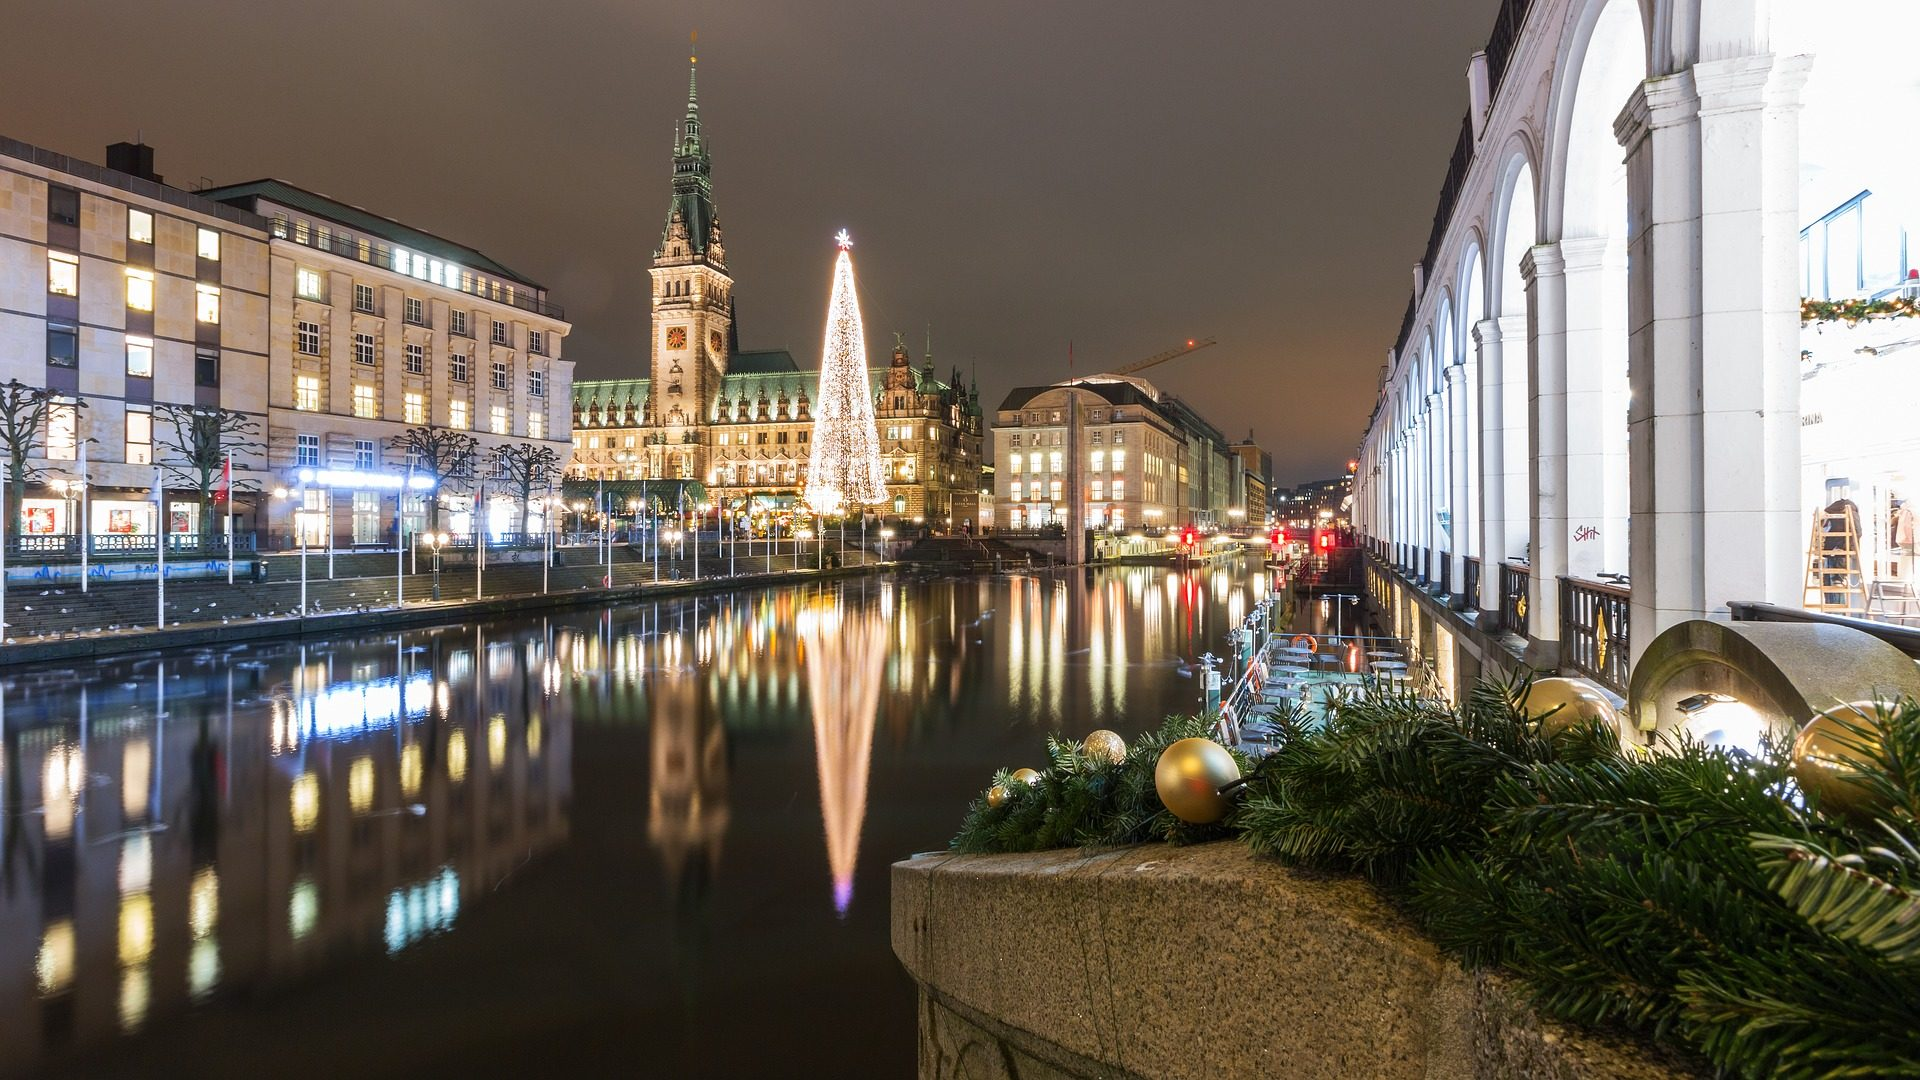 शहर, रोशनी, गहने, सजावट, क्रिसमस, hamburgo - HD वॉलपेपर - प्रोफेसर-falken.com